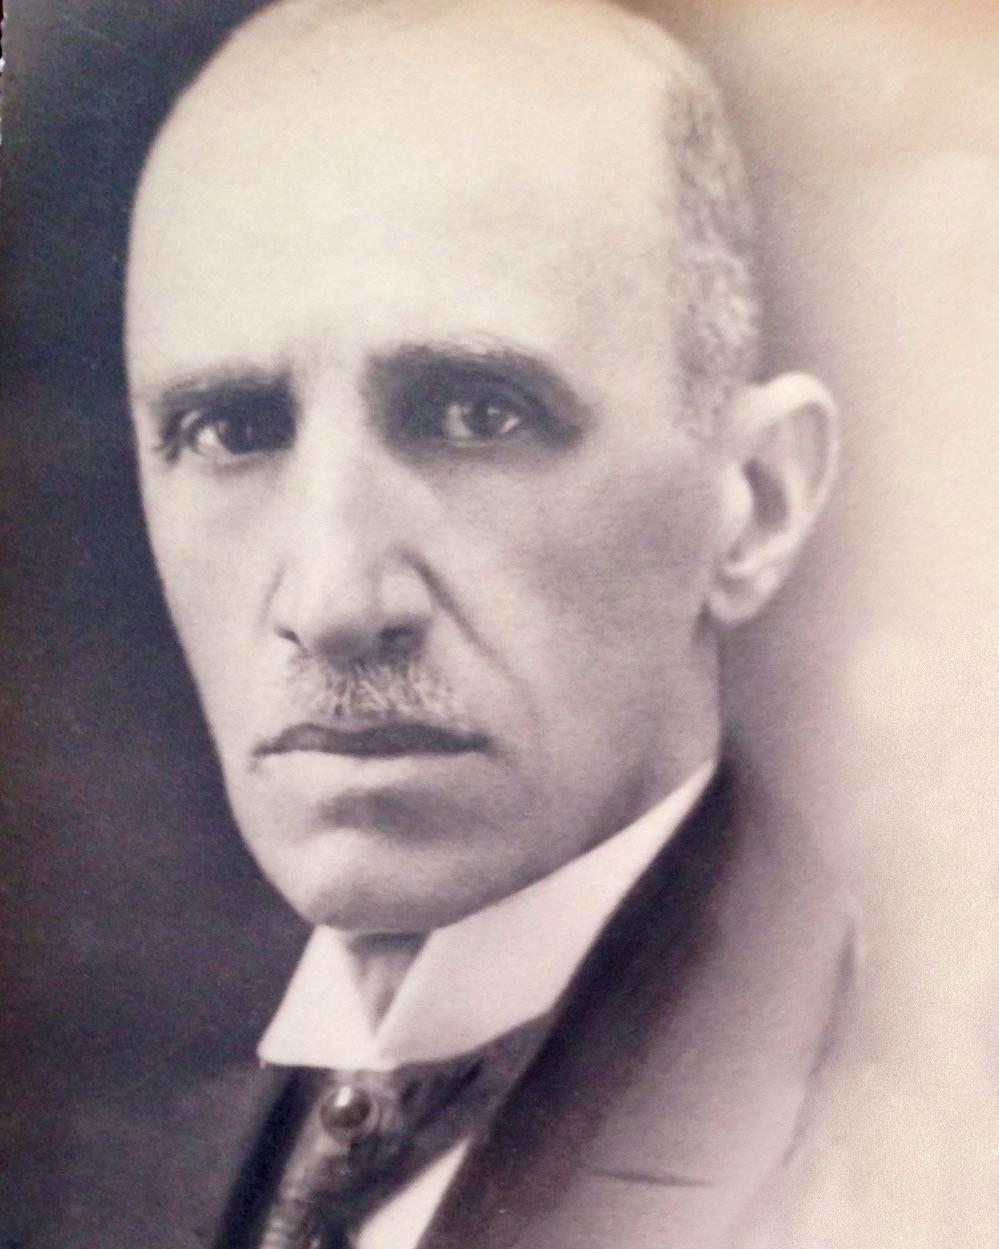 Christoff Tchakaloff, my grandfather